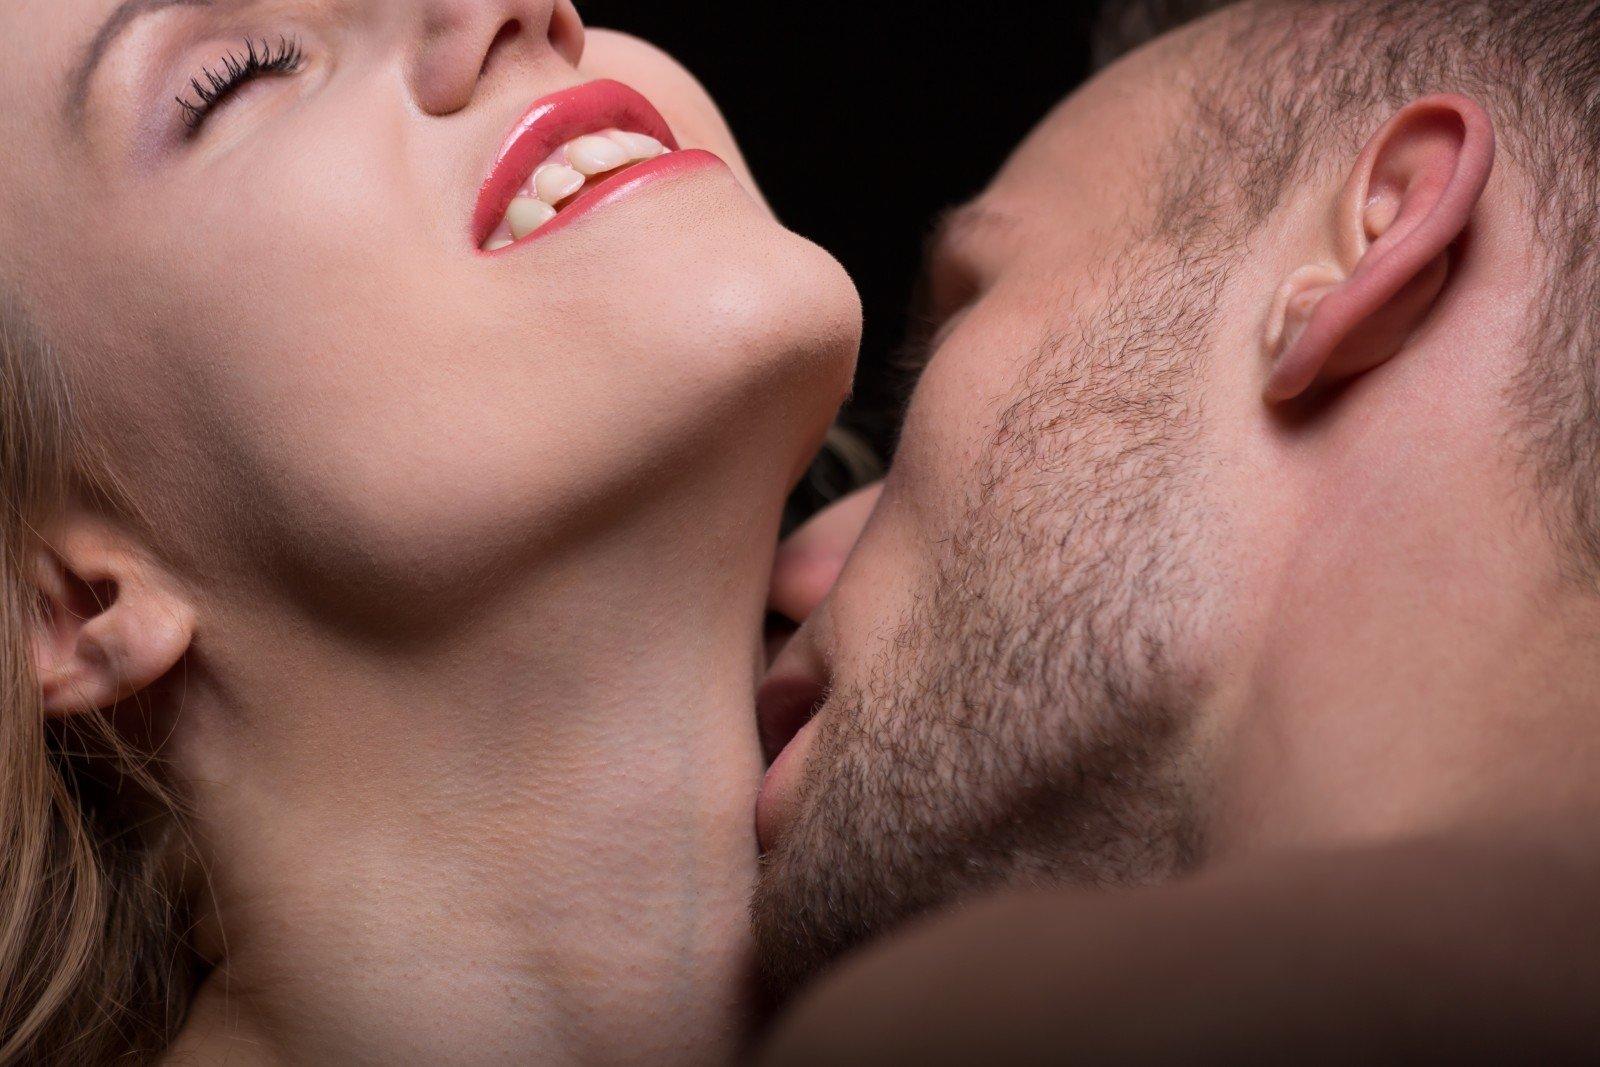 kodėl lytinis aktas yra minkštas